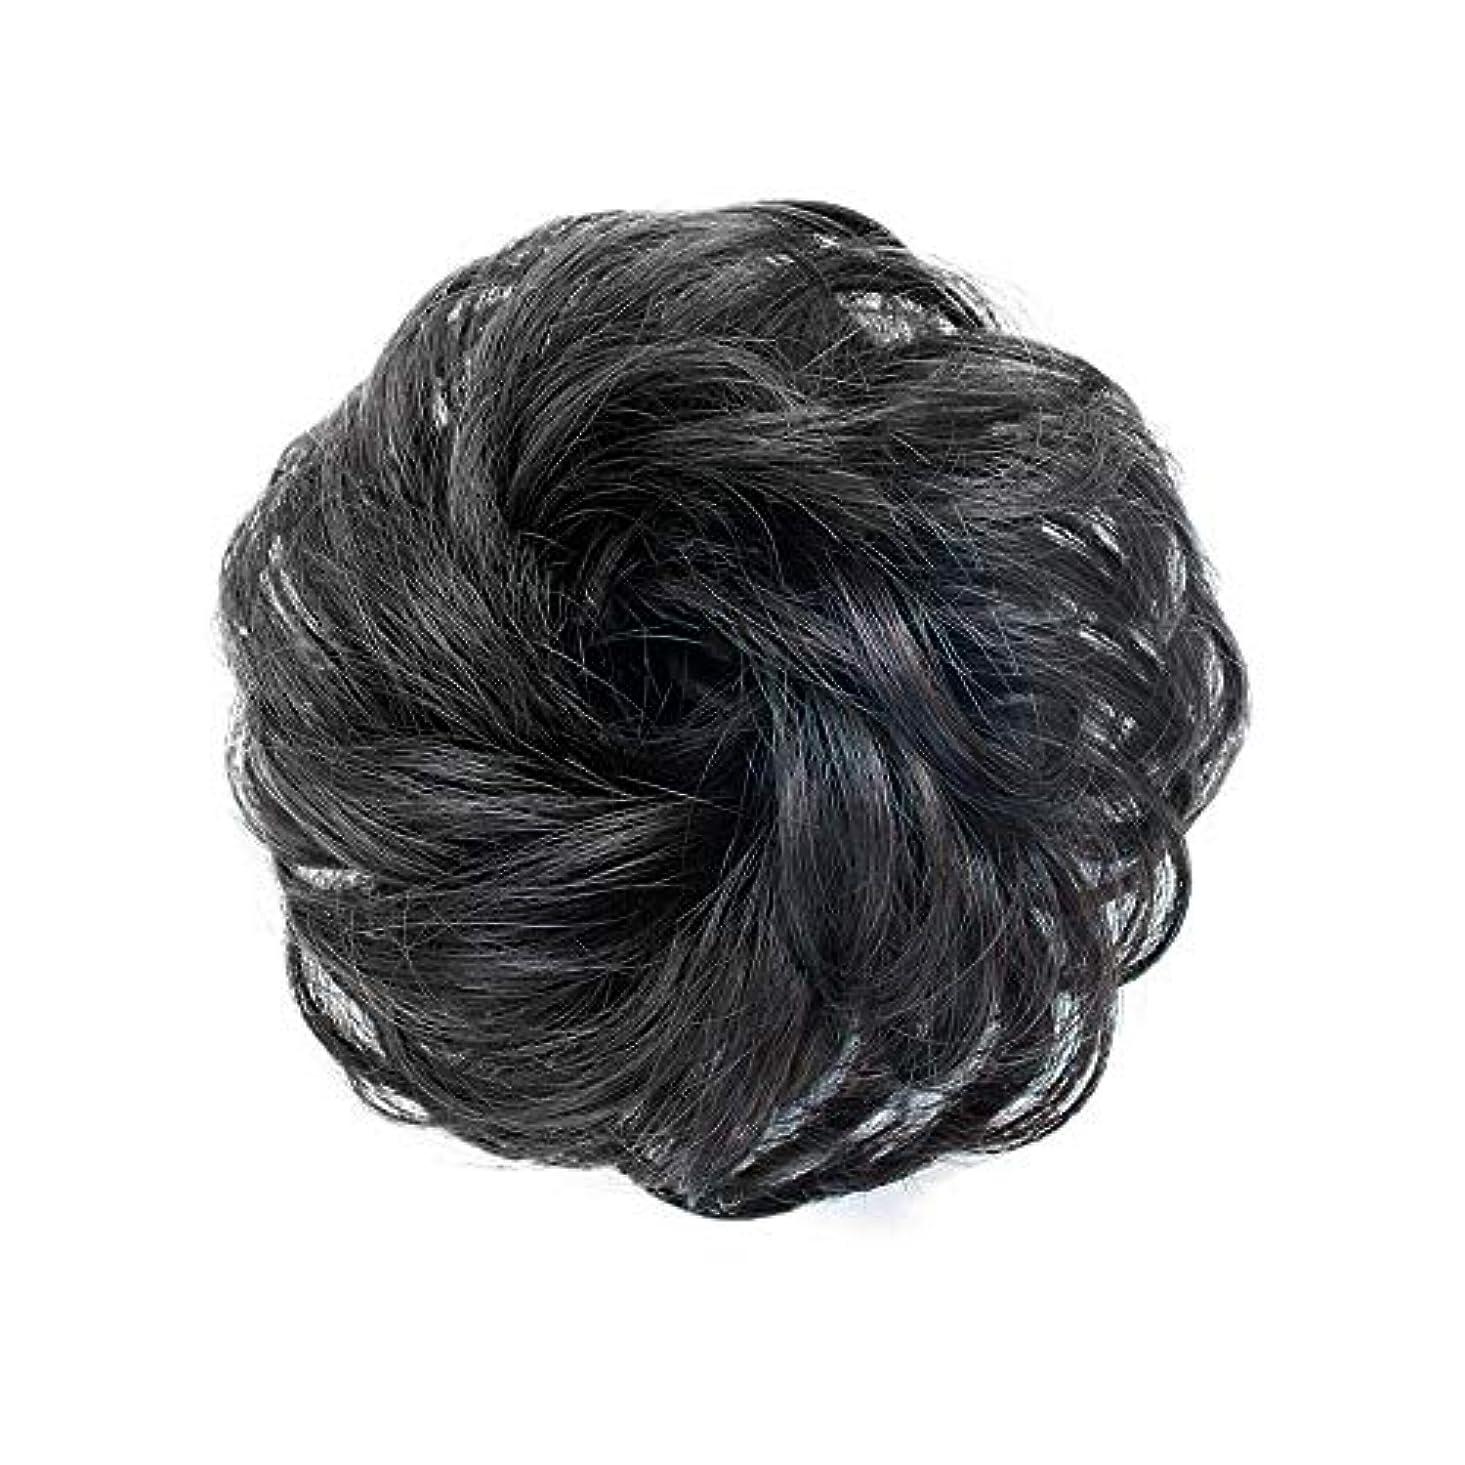 無長いです花FEIYI WIGSウィッグ シュシュ お団子巻き髪 つけ毛 100%人毛 エクステ レディース ポイントウィッグ 部分ウィッグ シニヨン 髪飾り パーマ コーム式 花型 結婚式 和装 装着簡単 4色が選べ